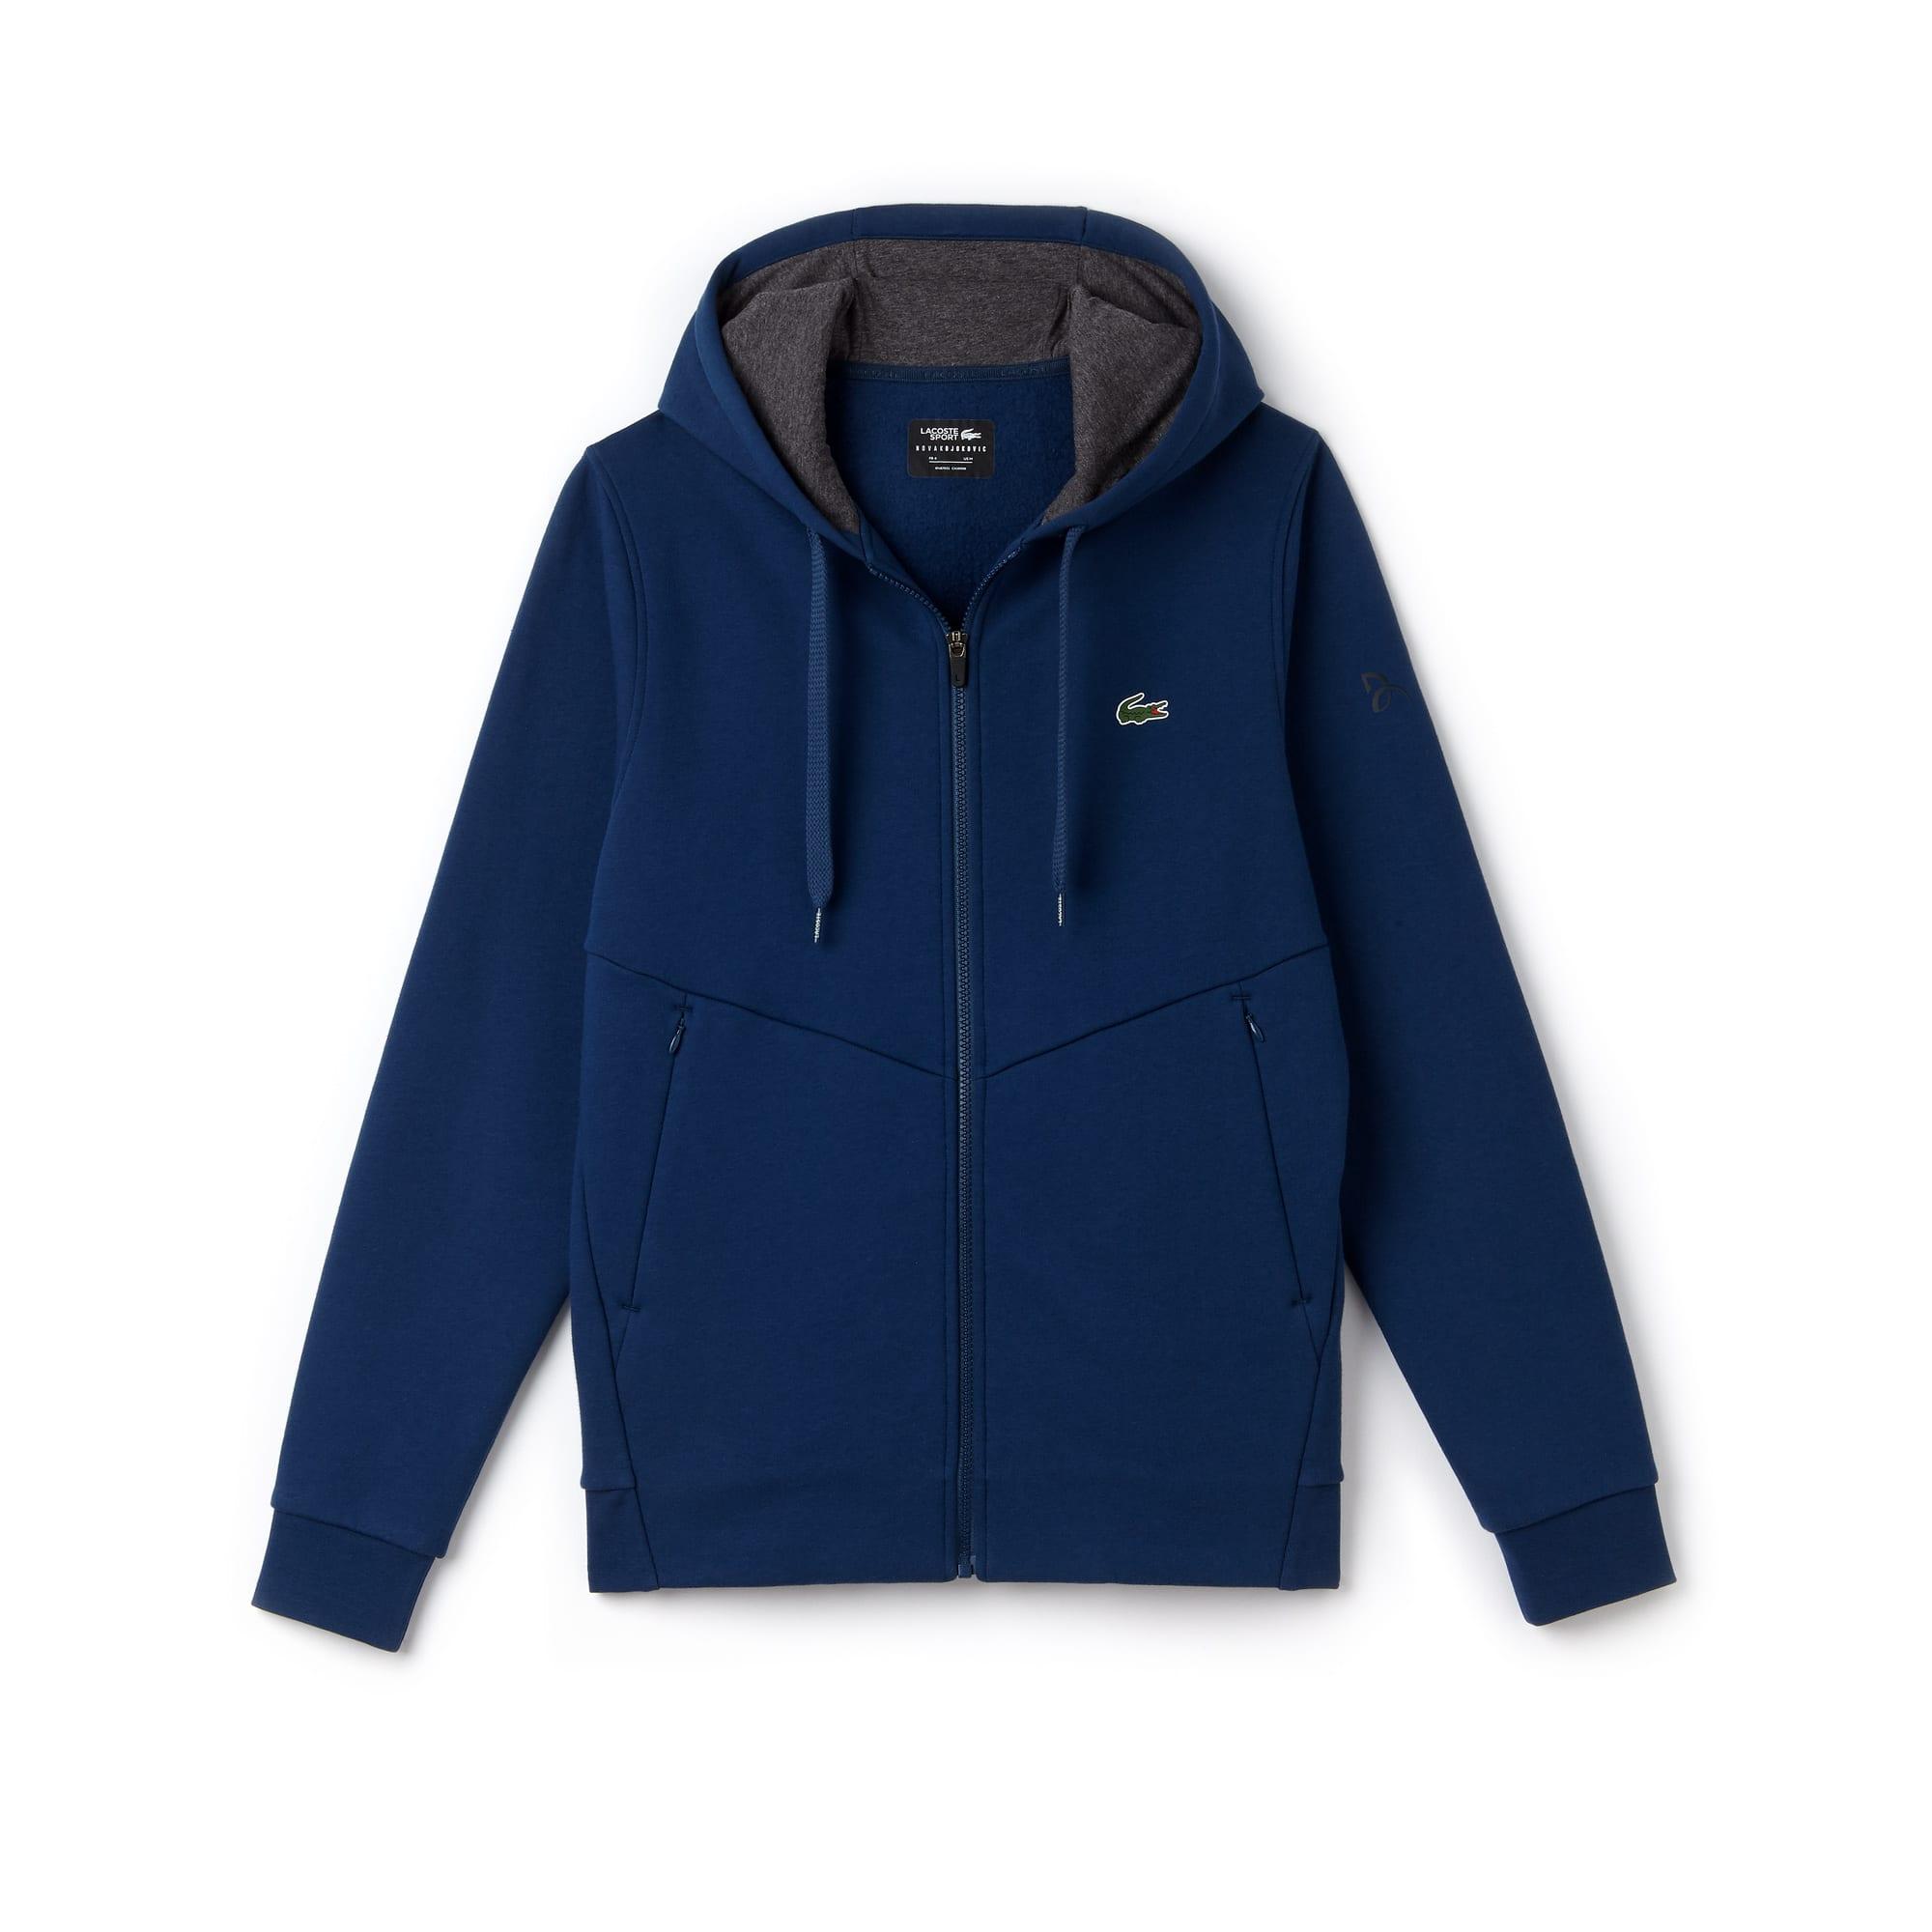 Lacoste SPORT NOVAK DJOKOVIC-OFF COURT COLLECTION-sweatshirt heren technische fleece met capuchon en rits